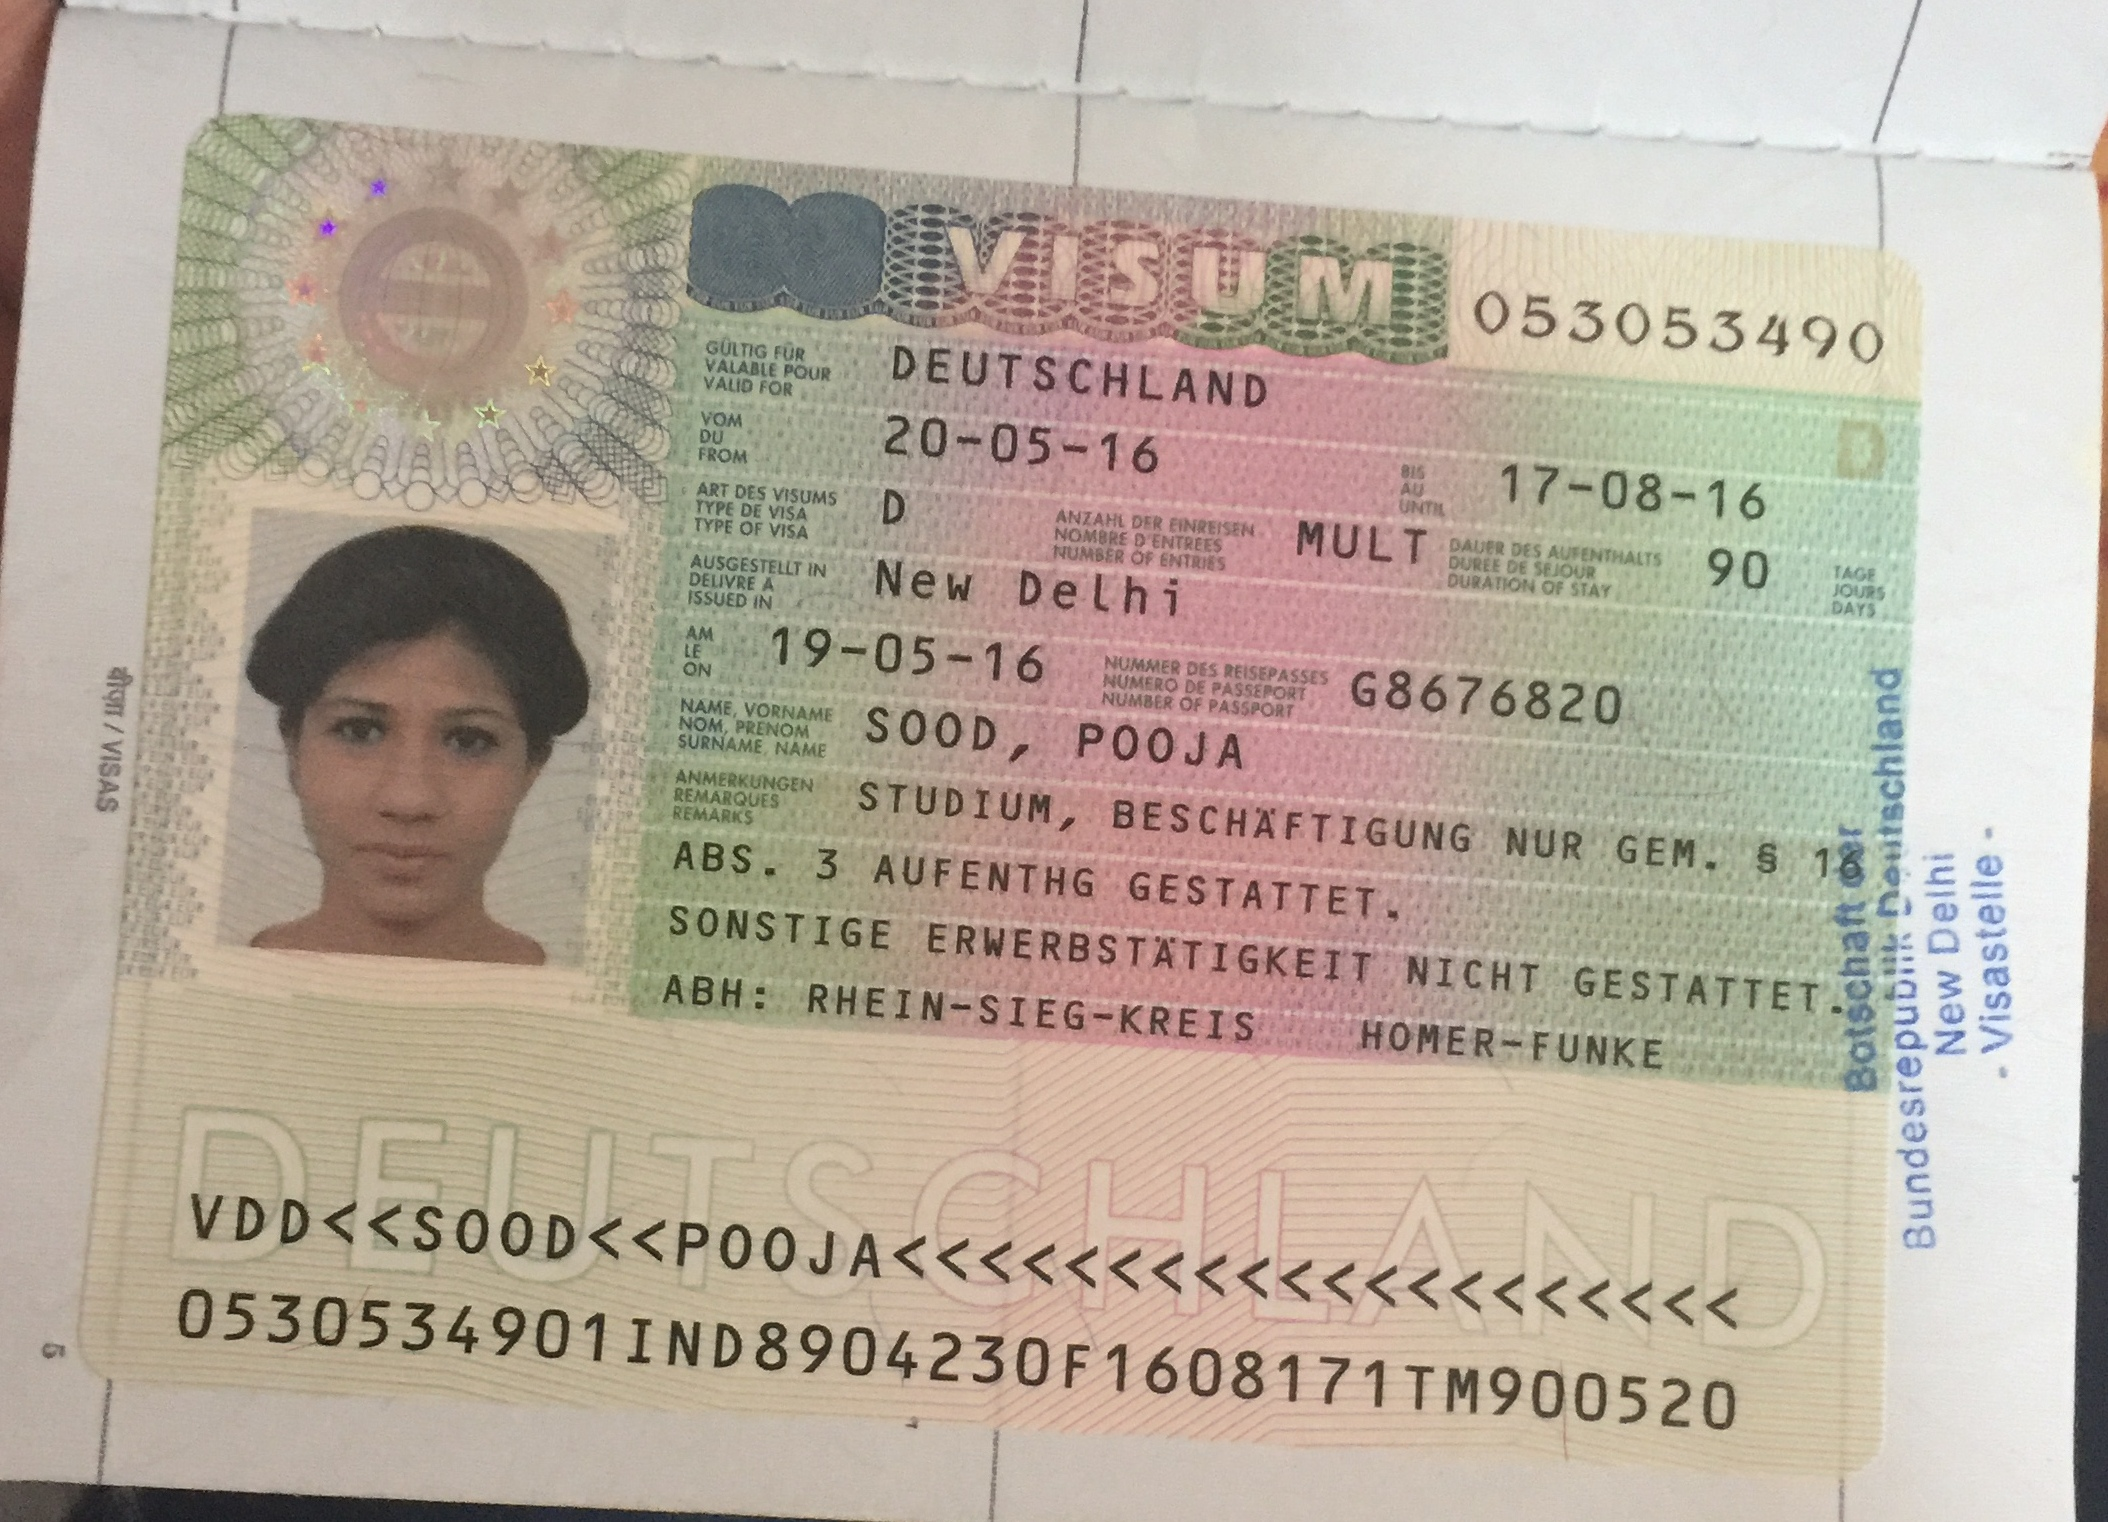 For Quality German Best Sale Visa Or Online